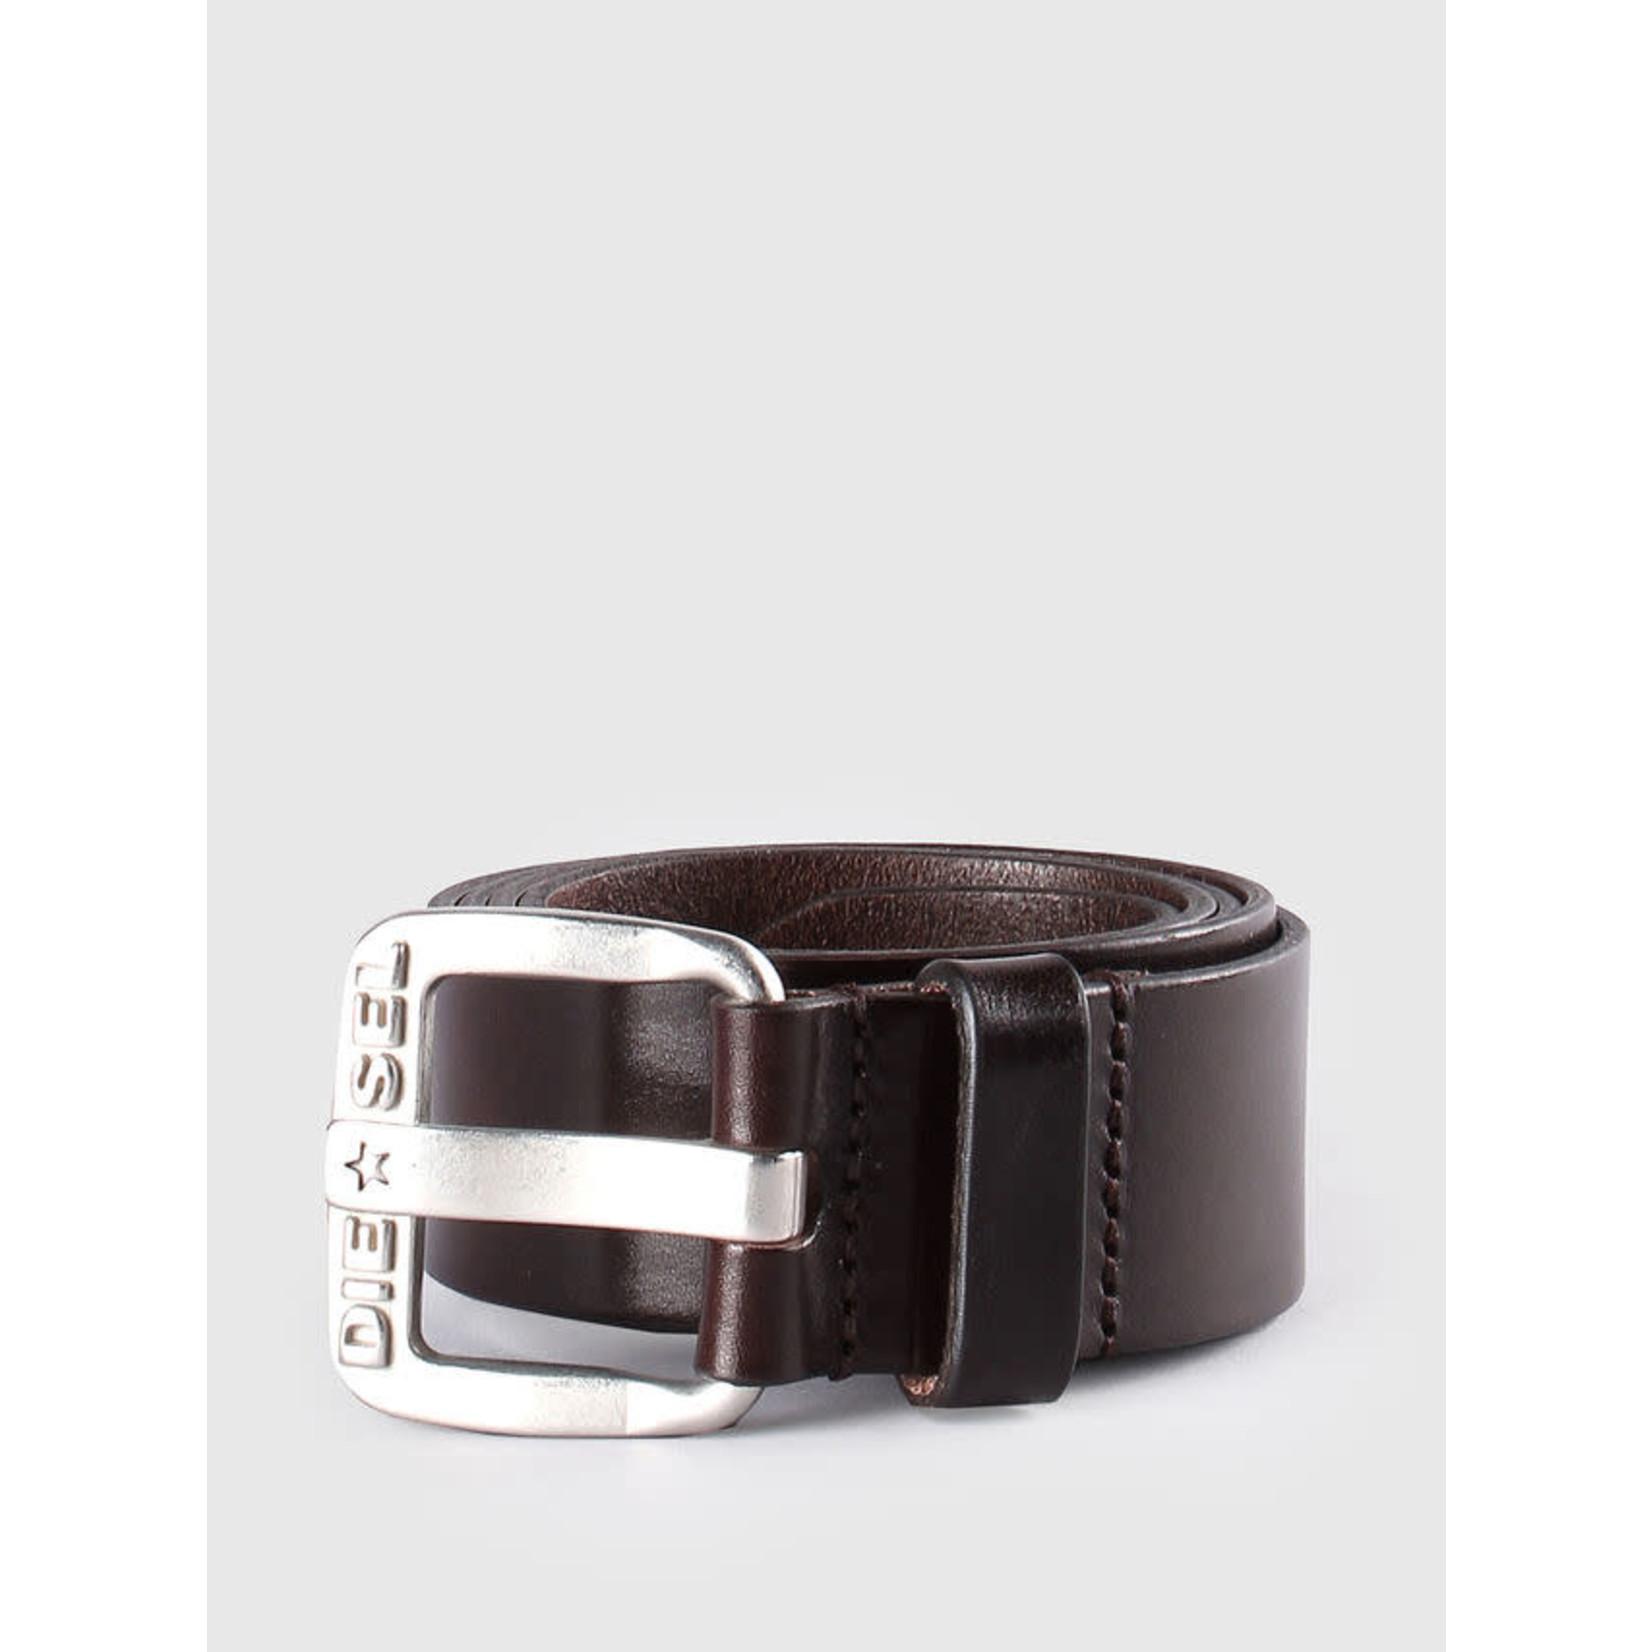 DIESEL Diesel - Men's Belt - B-Star